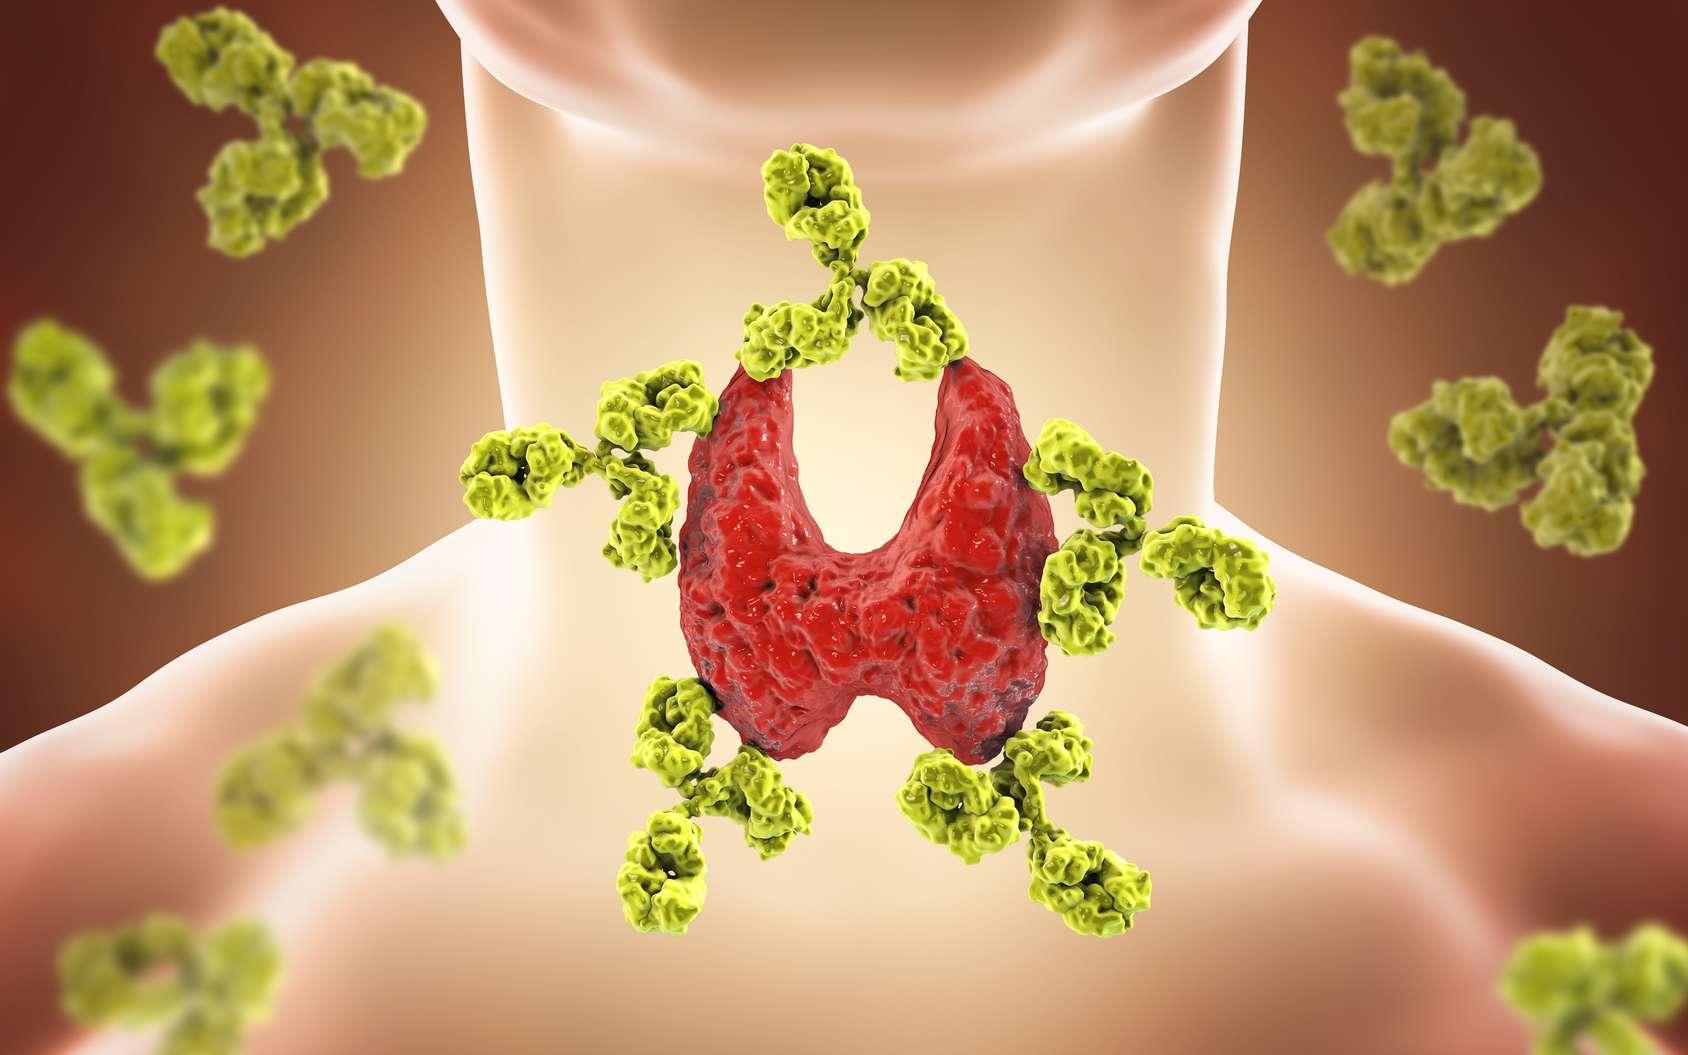 Dans une maladie auto-immune, le système immunitaire s'attaque aux tissus de l'organisme. © Kateryna_Kon, Fotolia